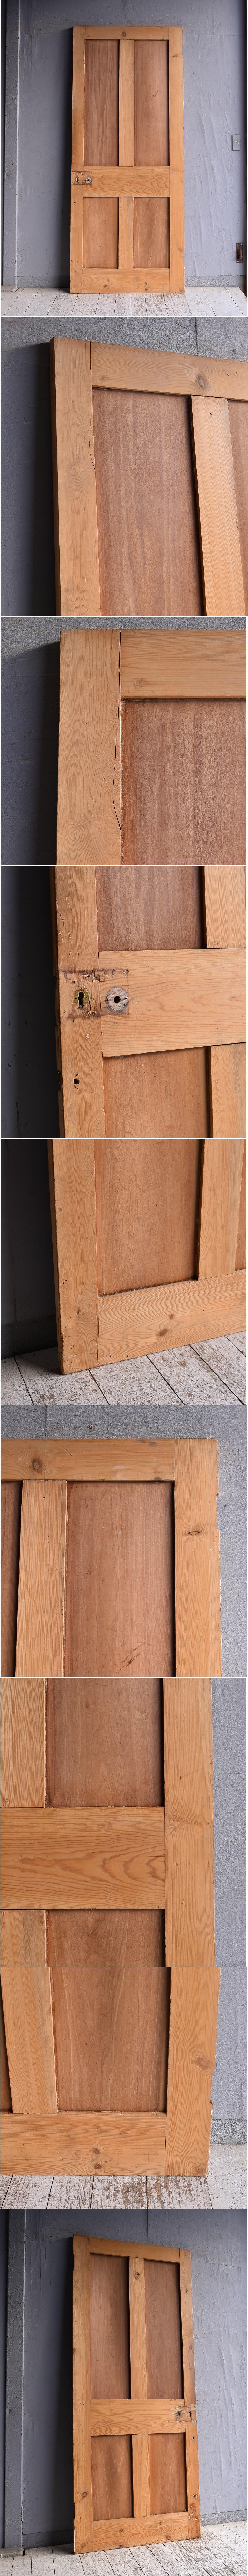 イギリス アンティーク オールドパイン ドア 扉 建具 9312